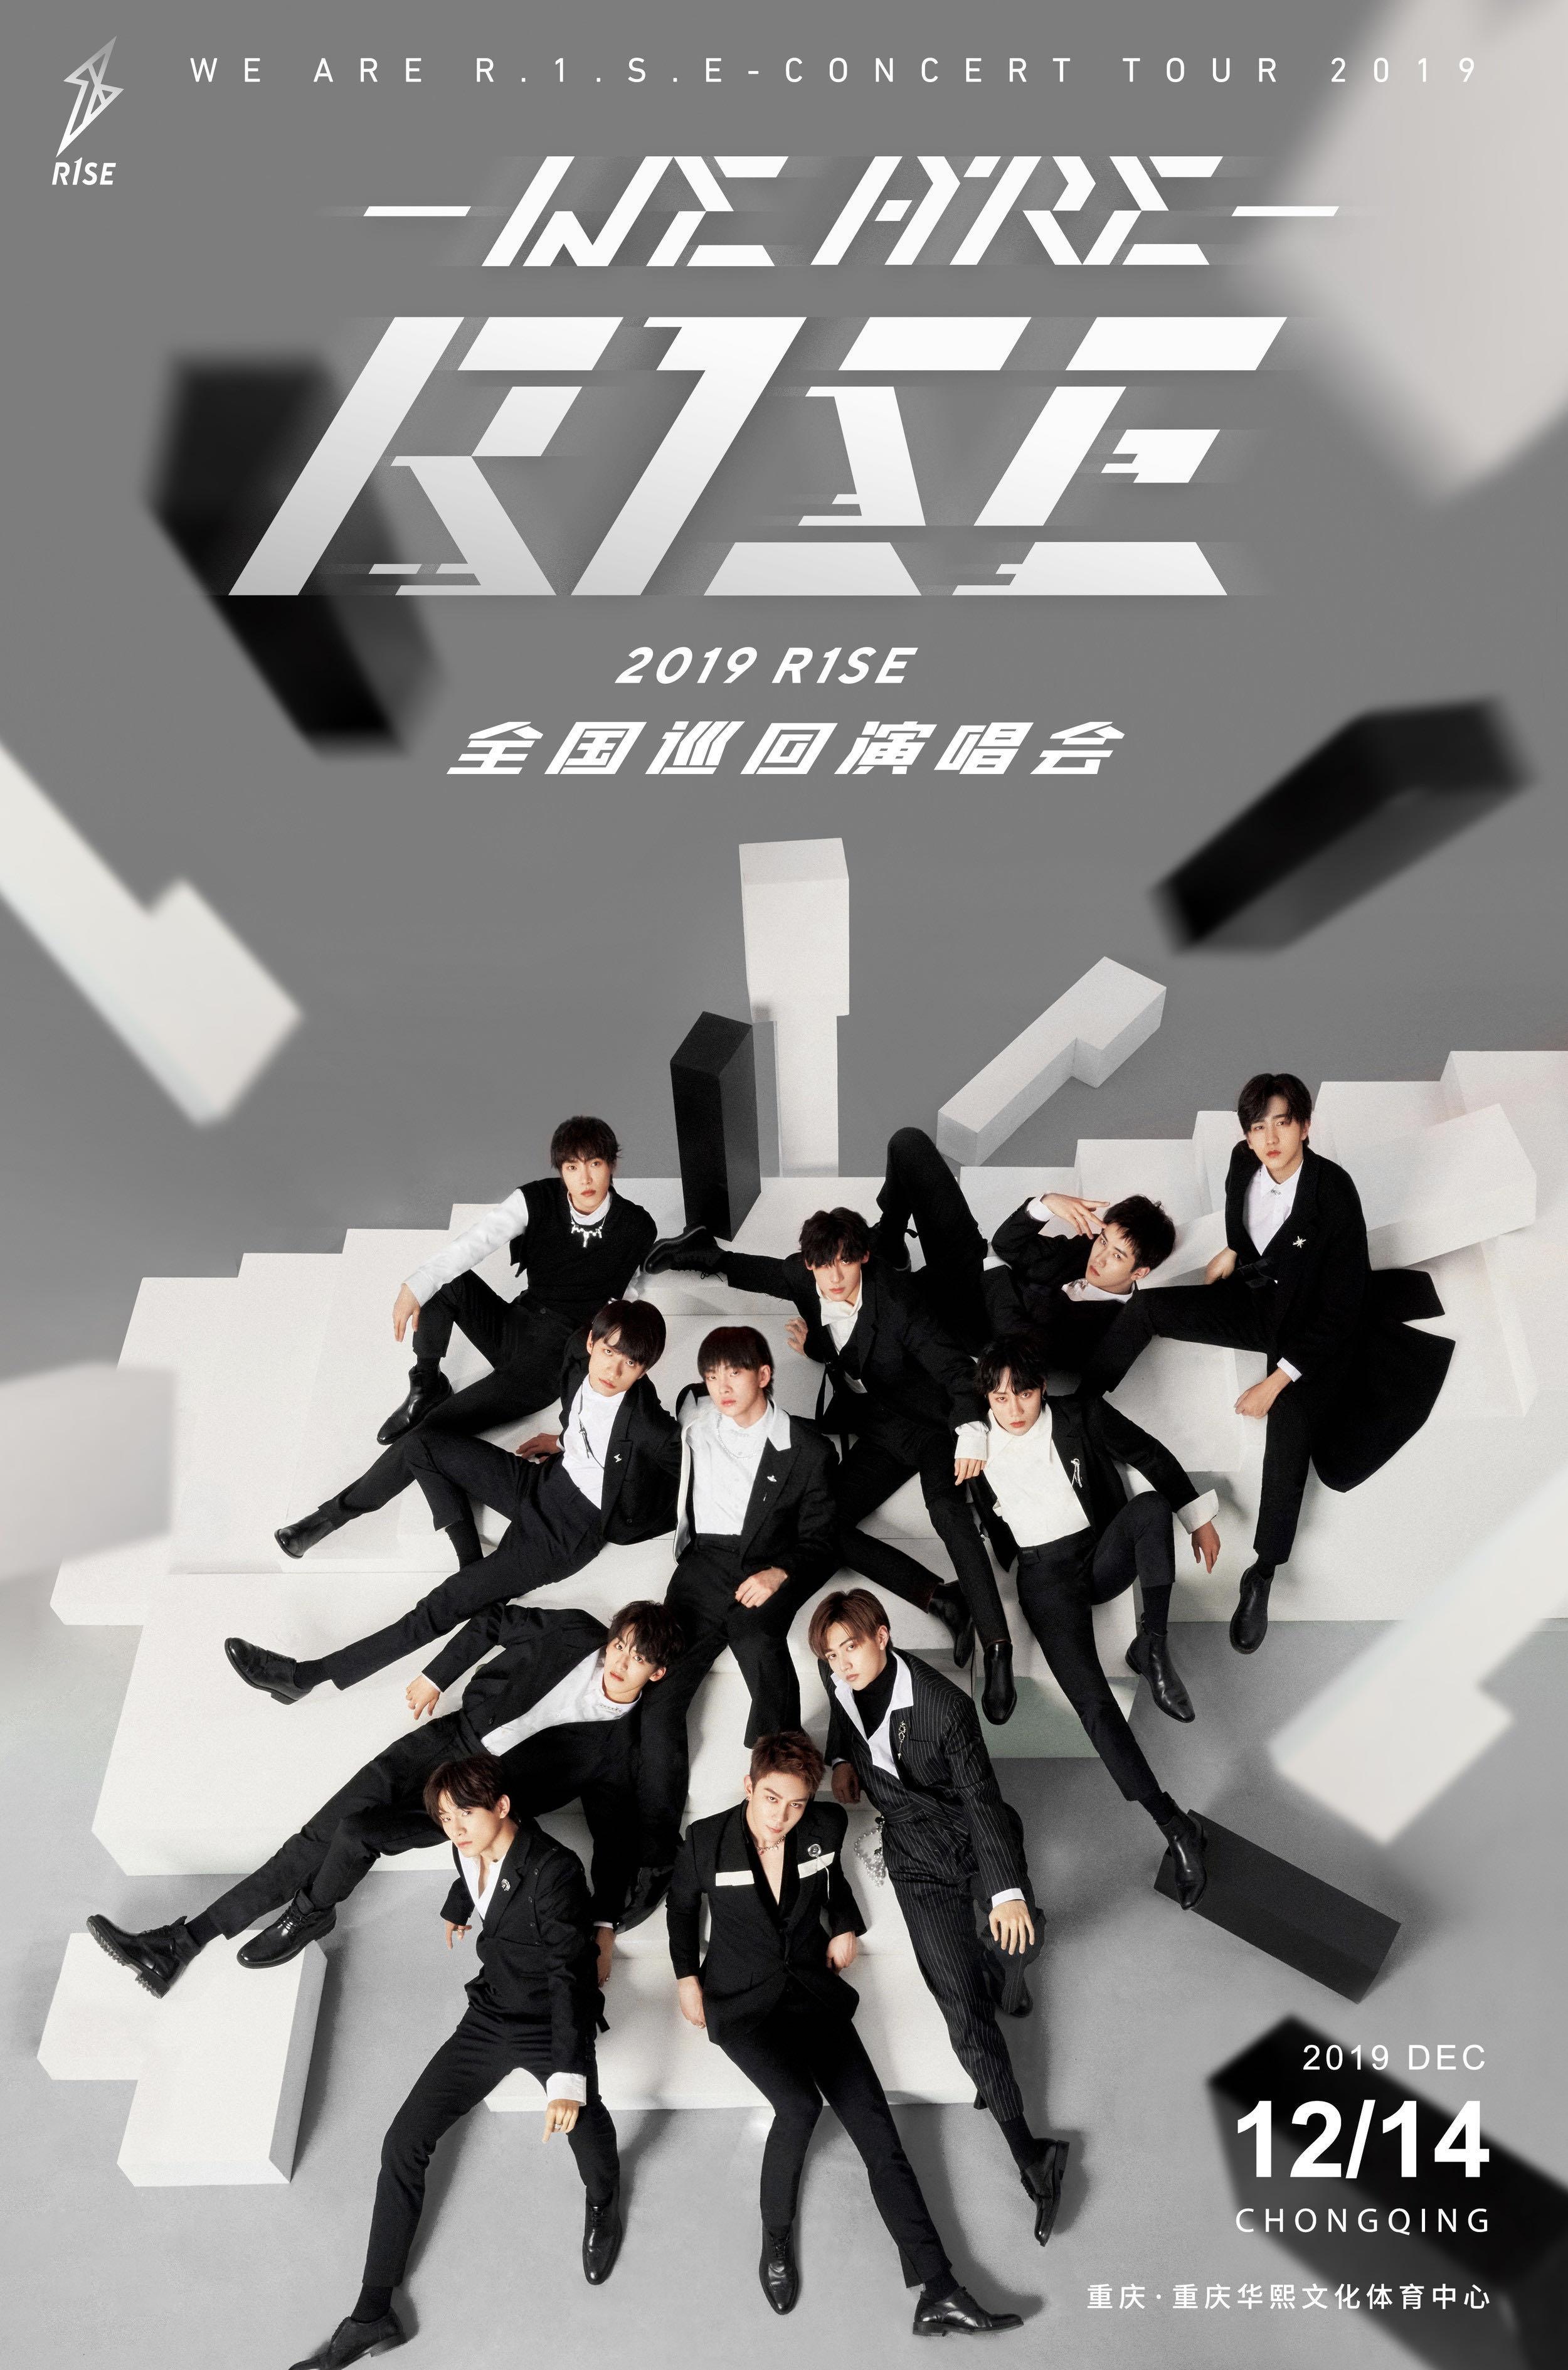 R1SE重庆演唱会